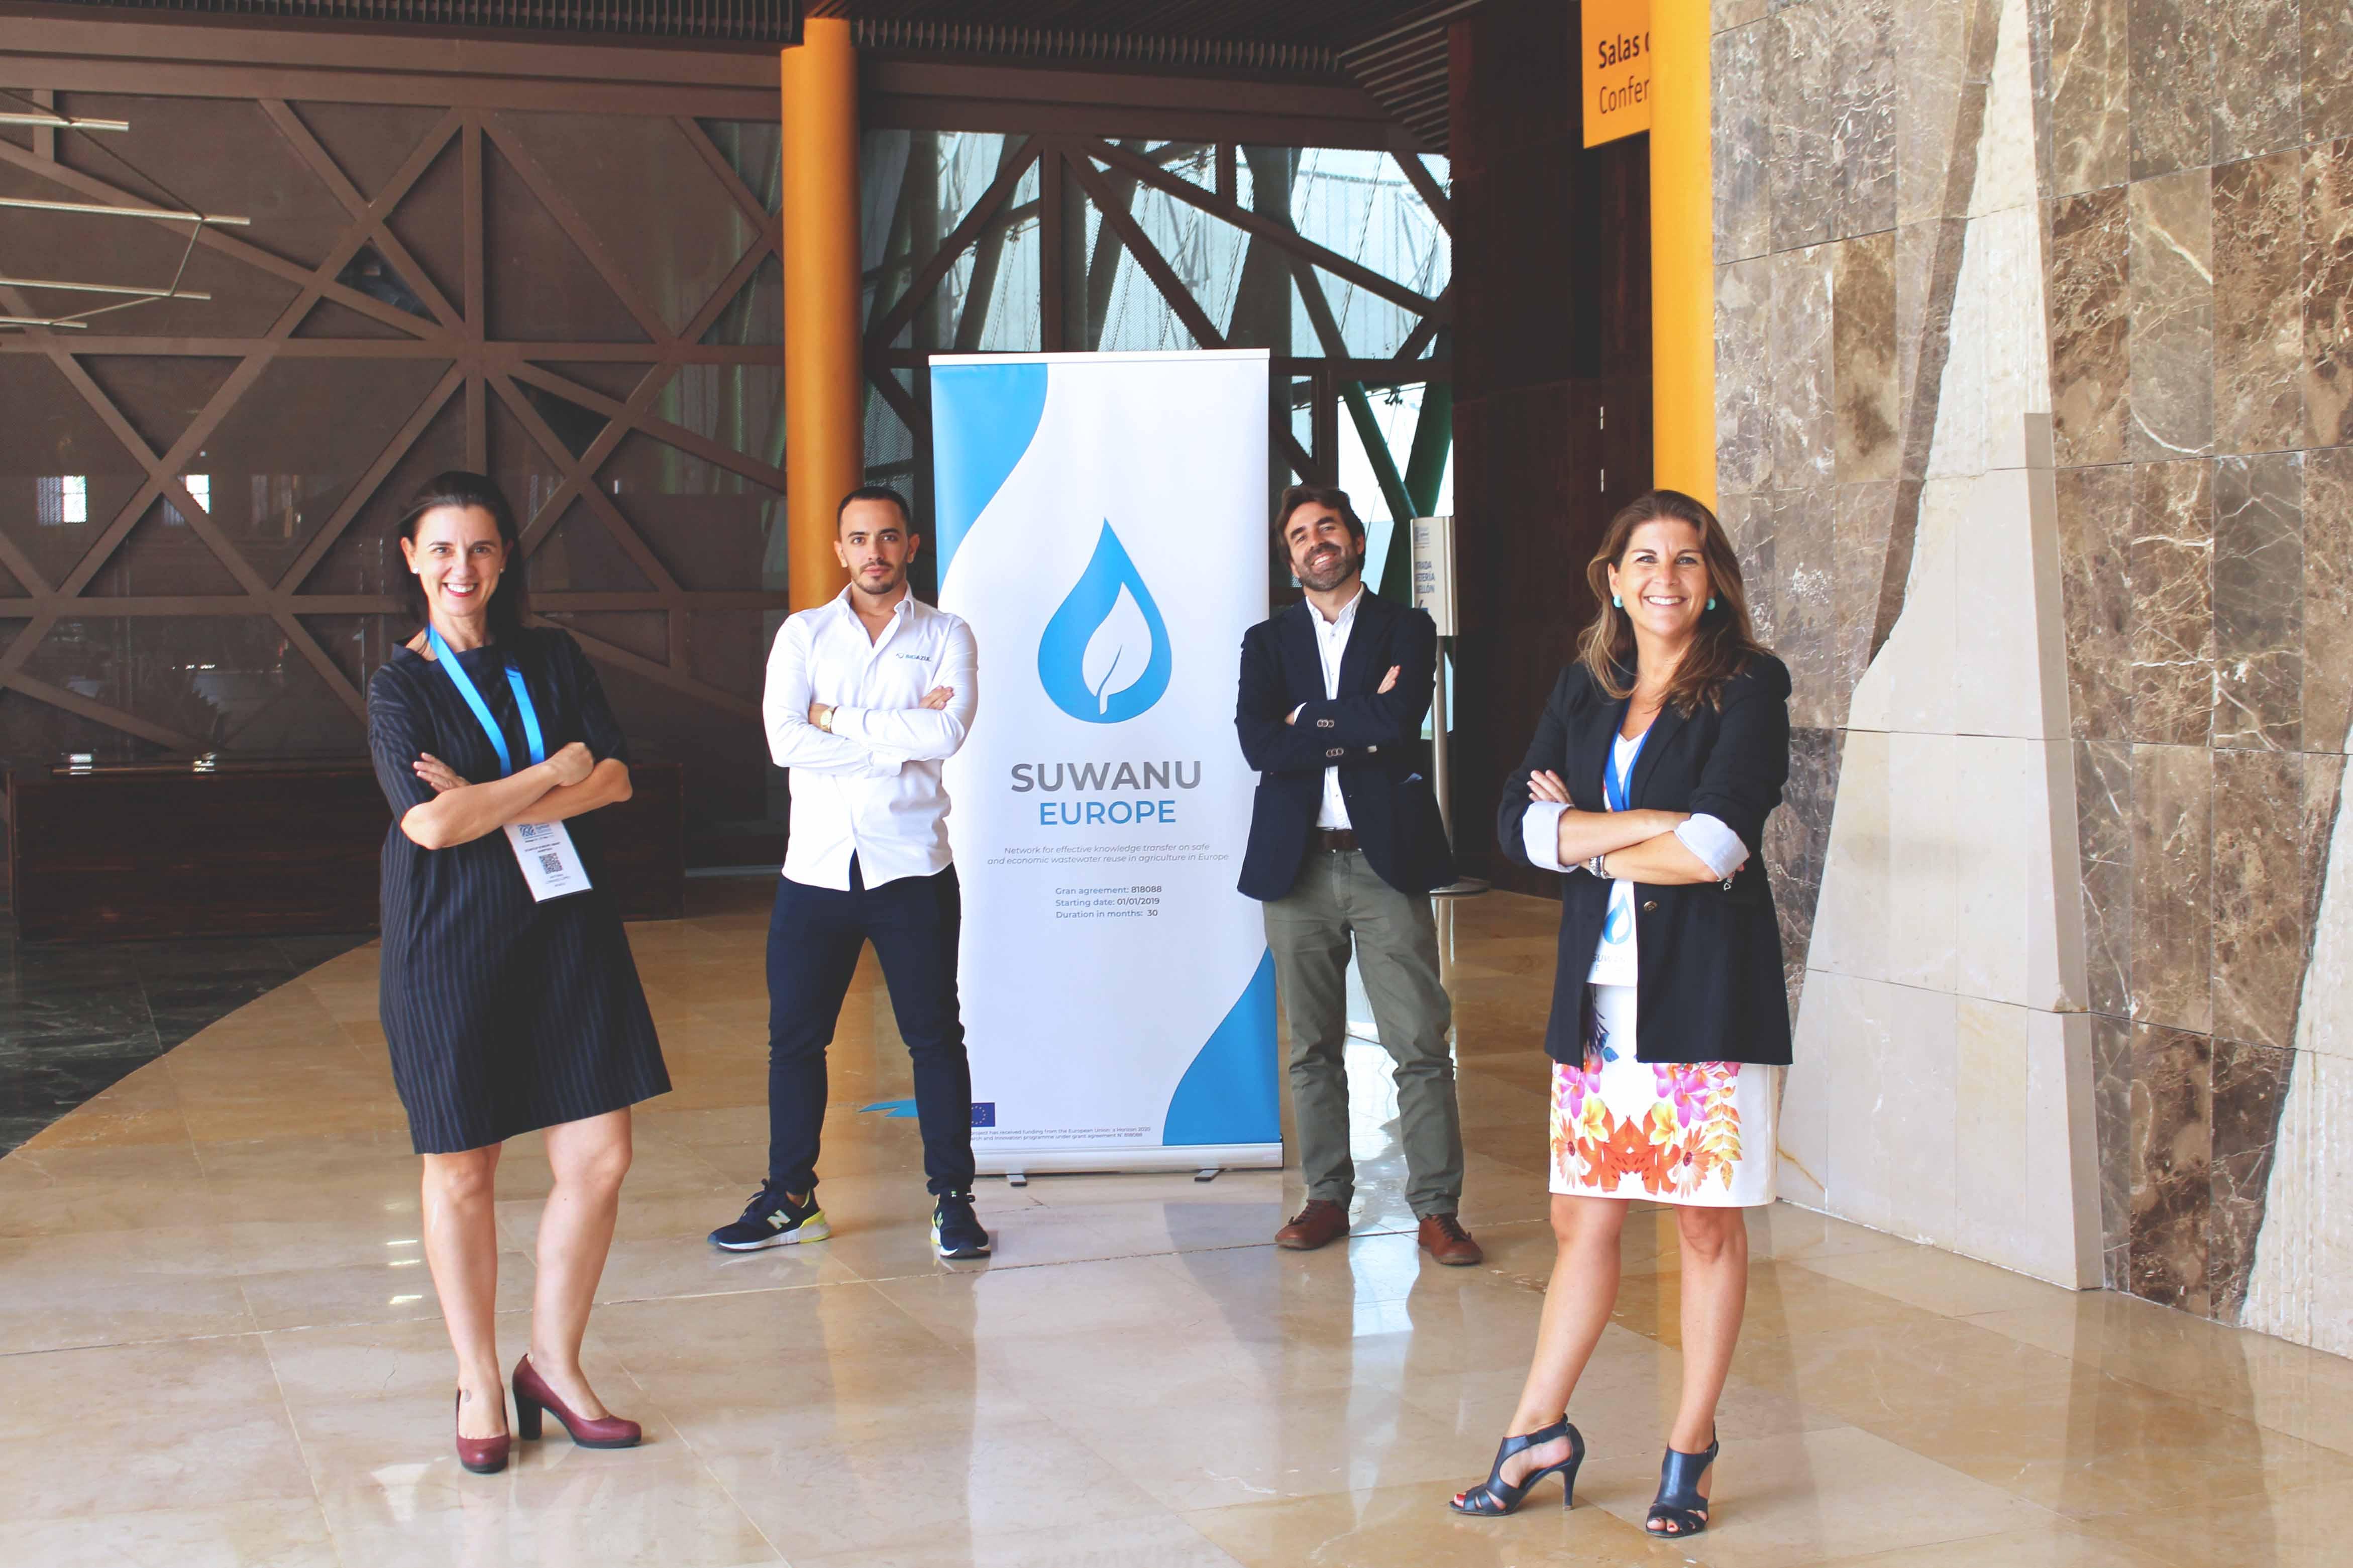 Equipo de Bioazul: Antonia Lorenzo, David Salaberri, Rafael Casielles y Ángela Magno